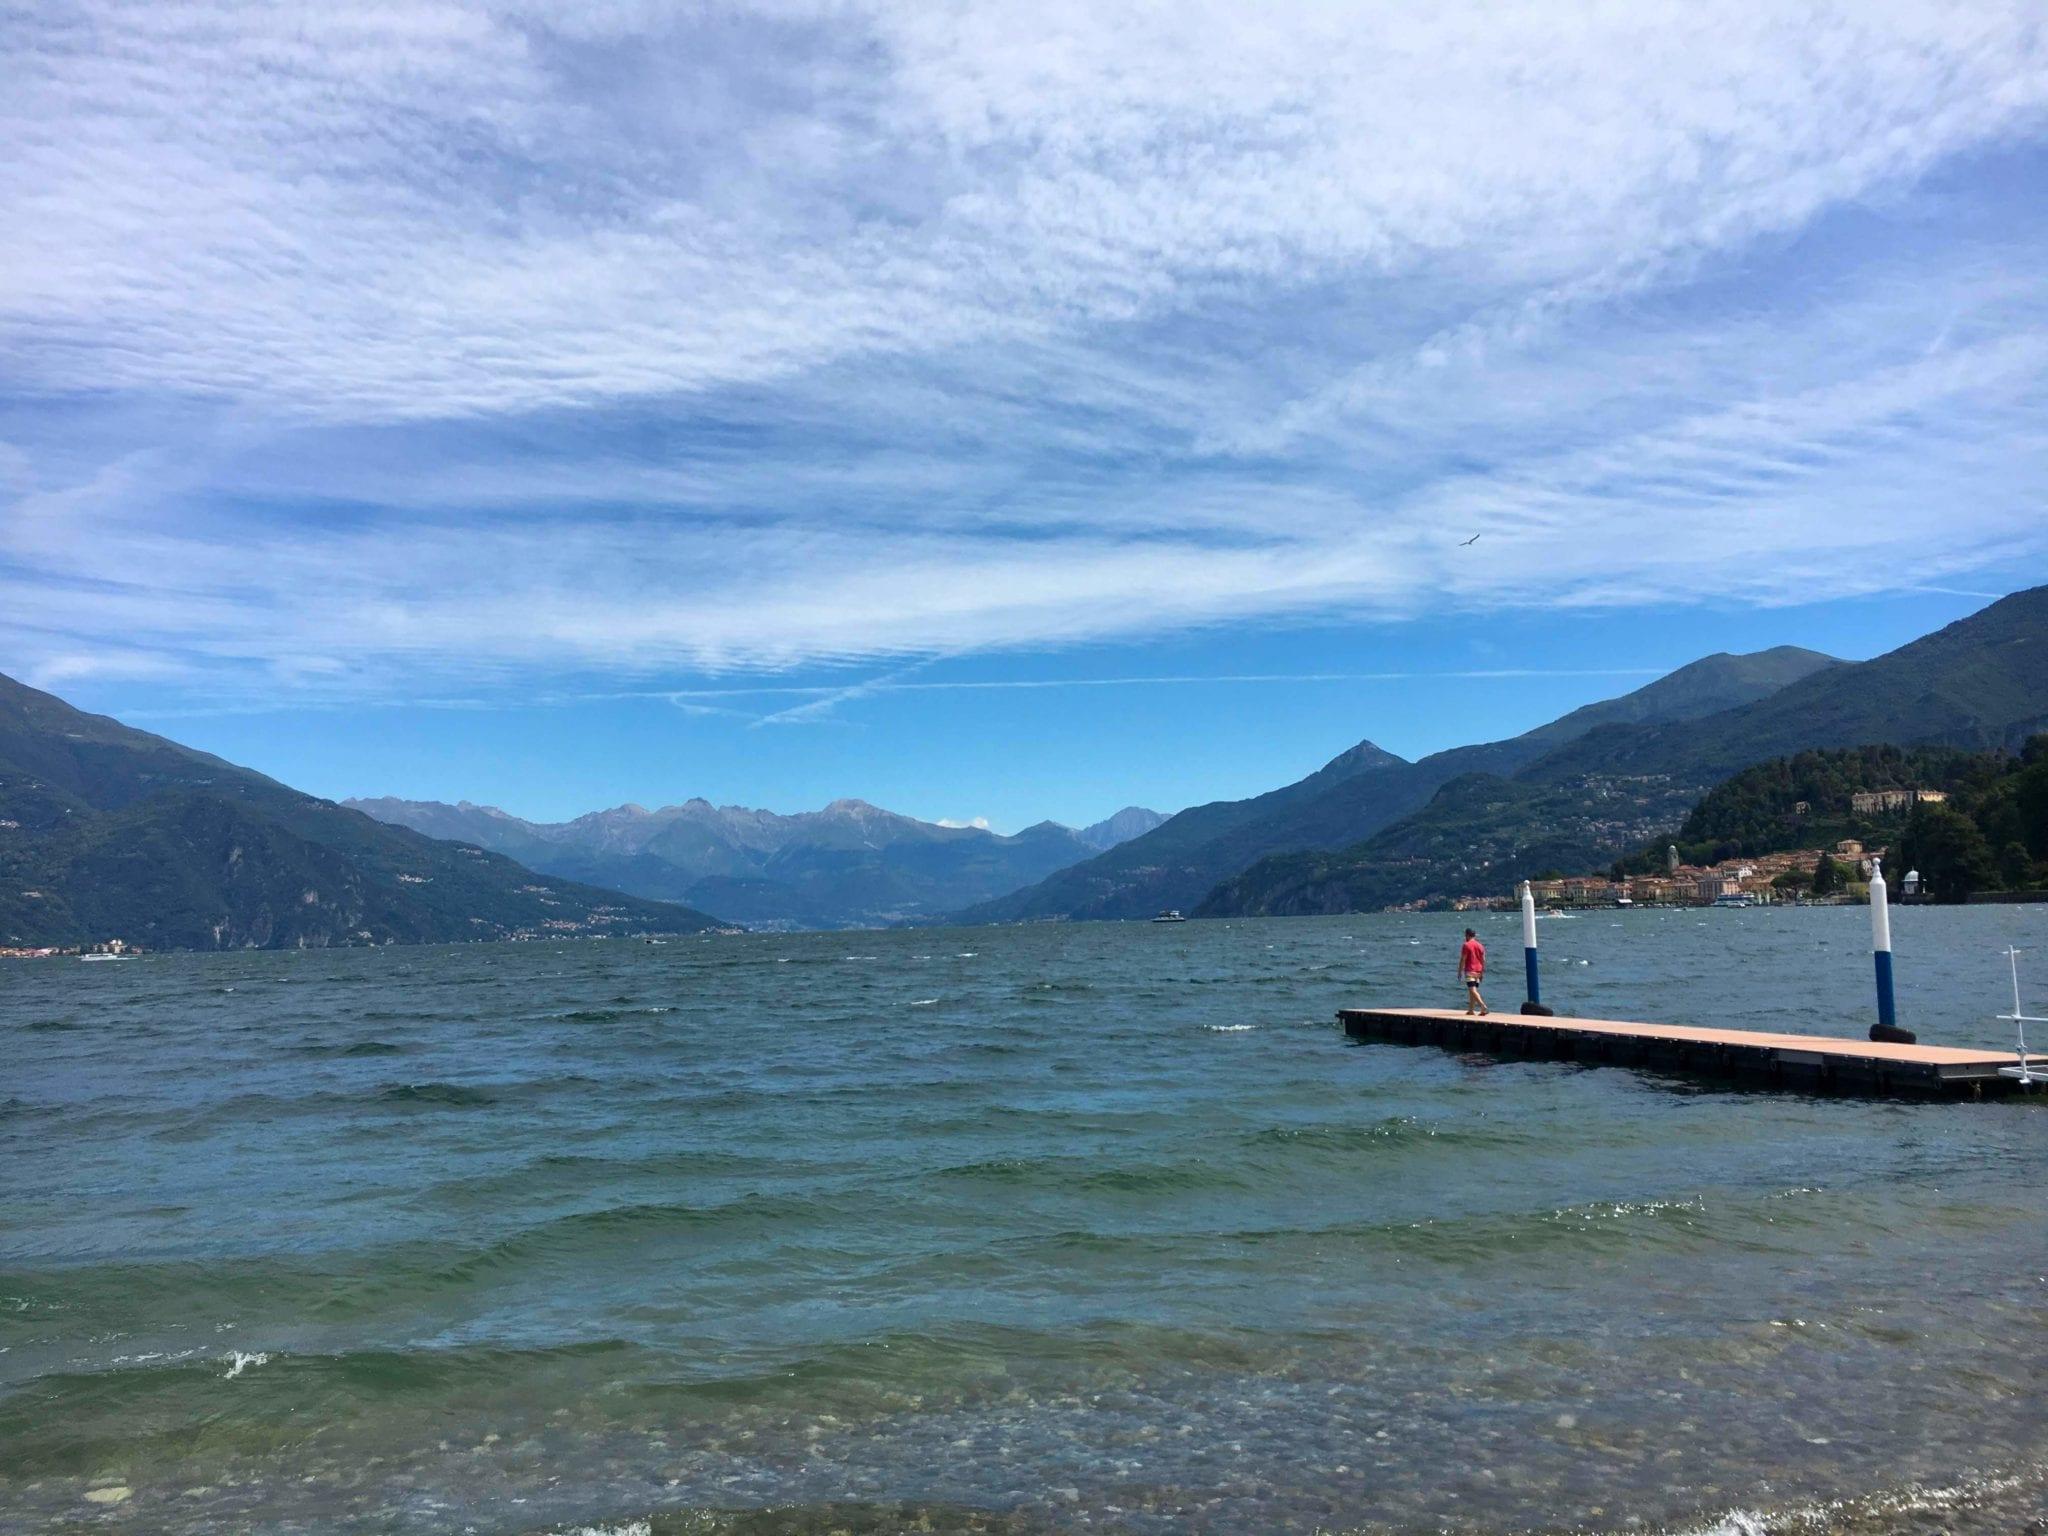 Enjoying Lake Como